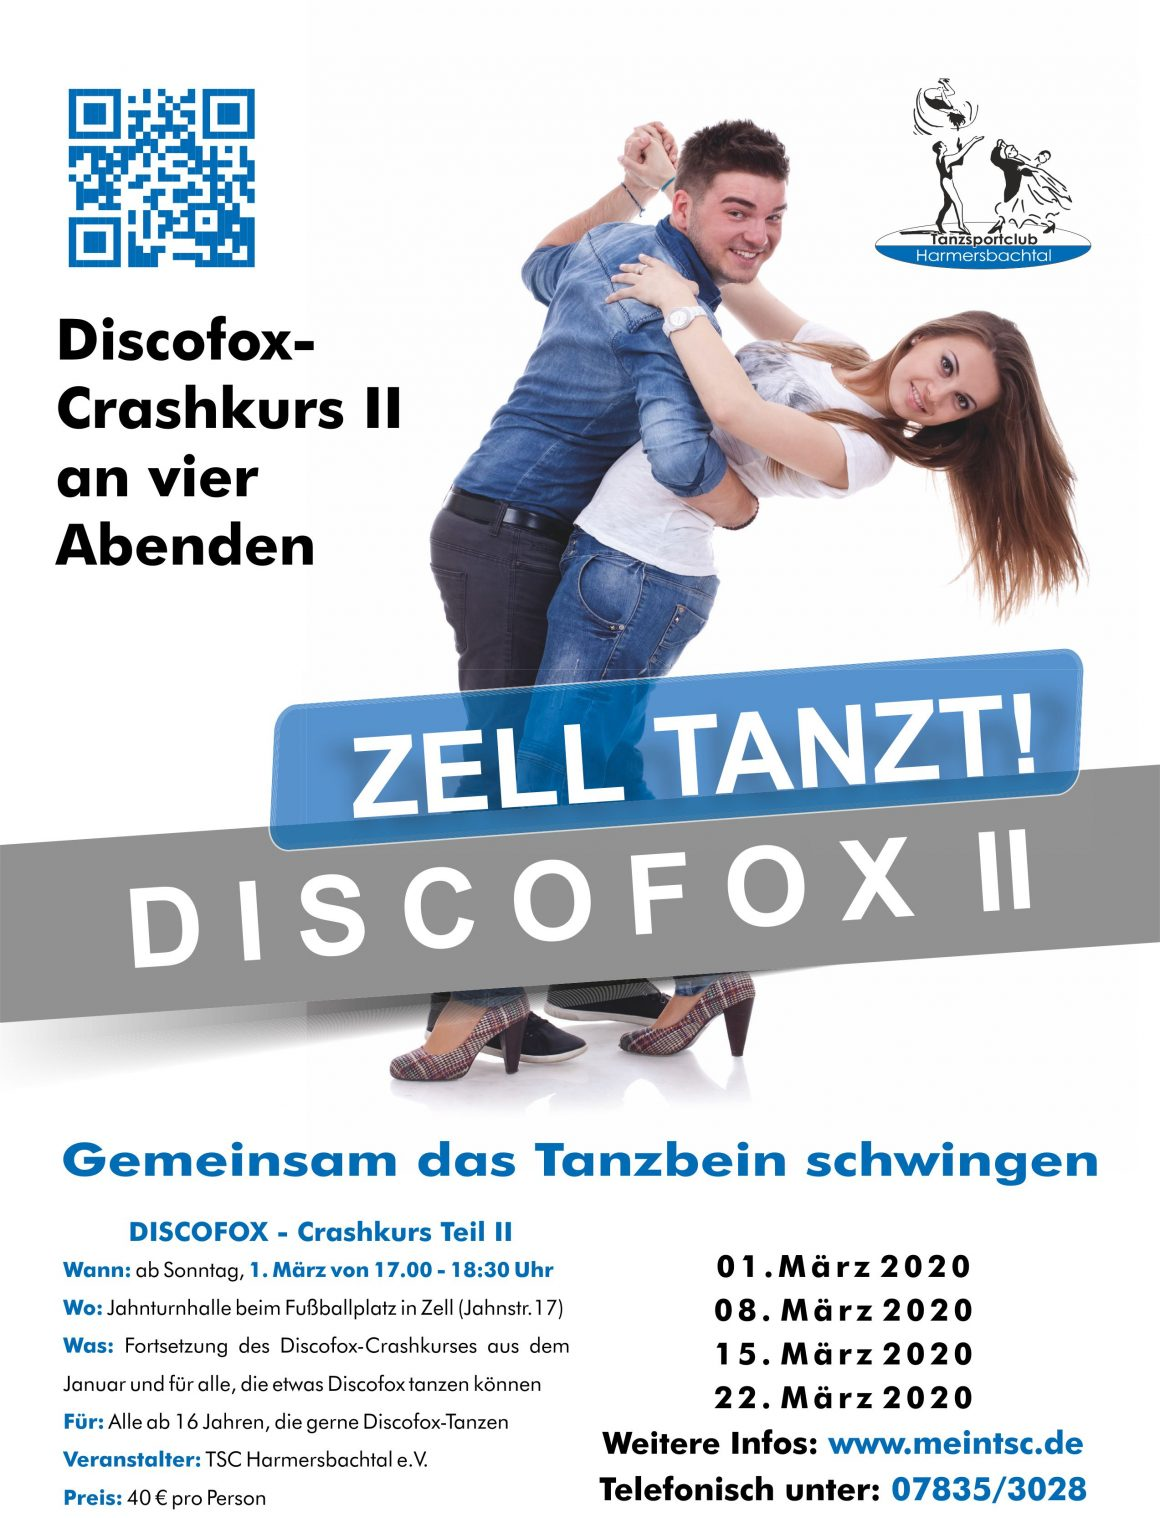 Zell tanzt! Discofox Crashkurs II